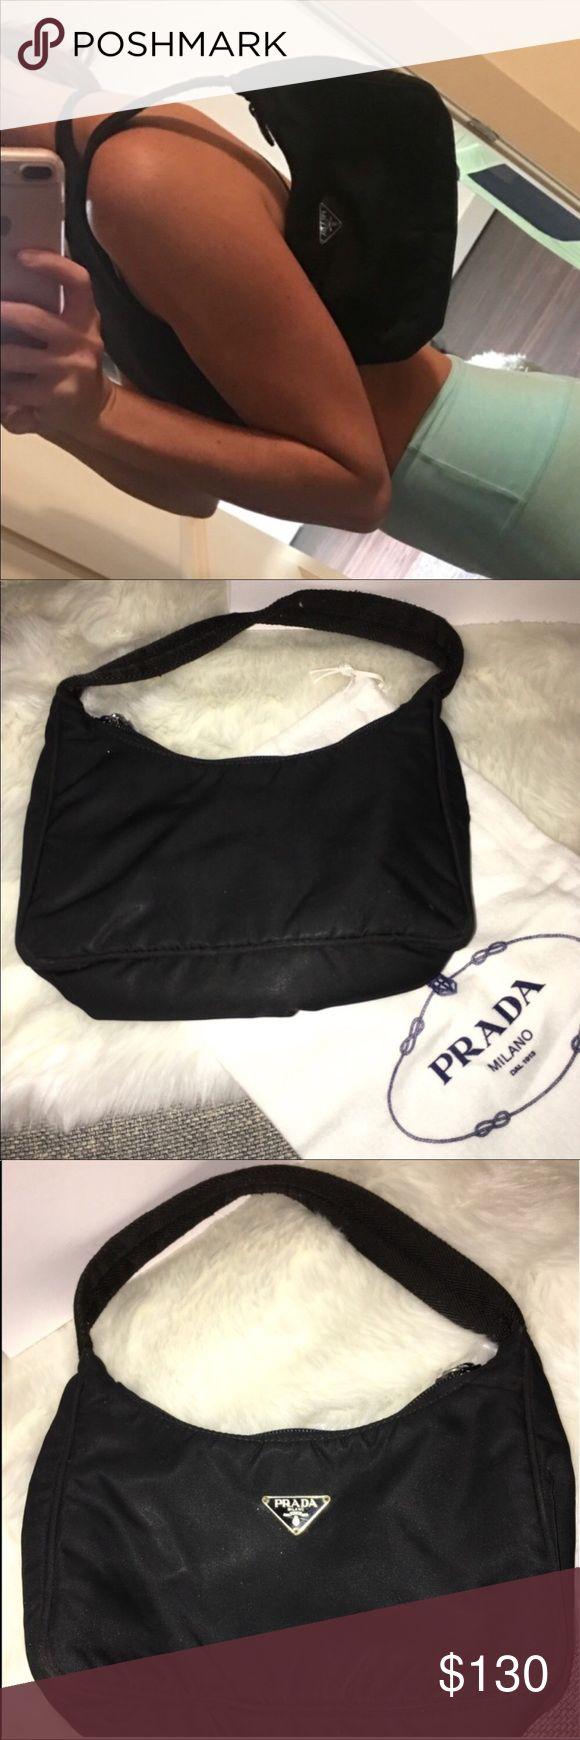 Prada Bag Black Prada bag. Sporty and chic! Comes with Prada cloth bag. Great condition. Prada Bags Mini Bags